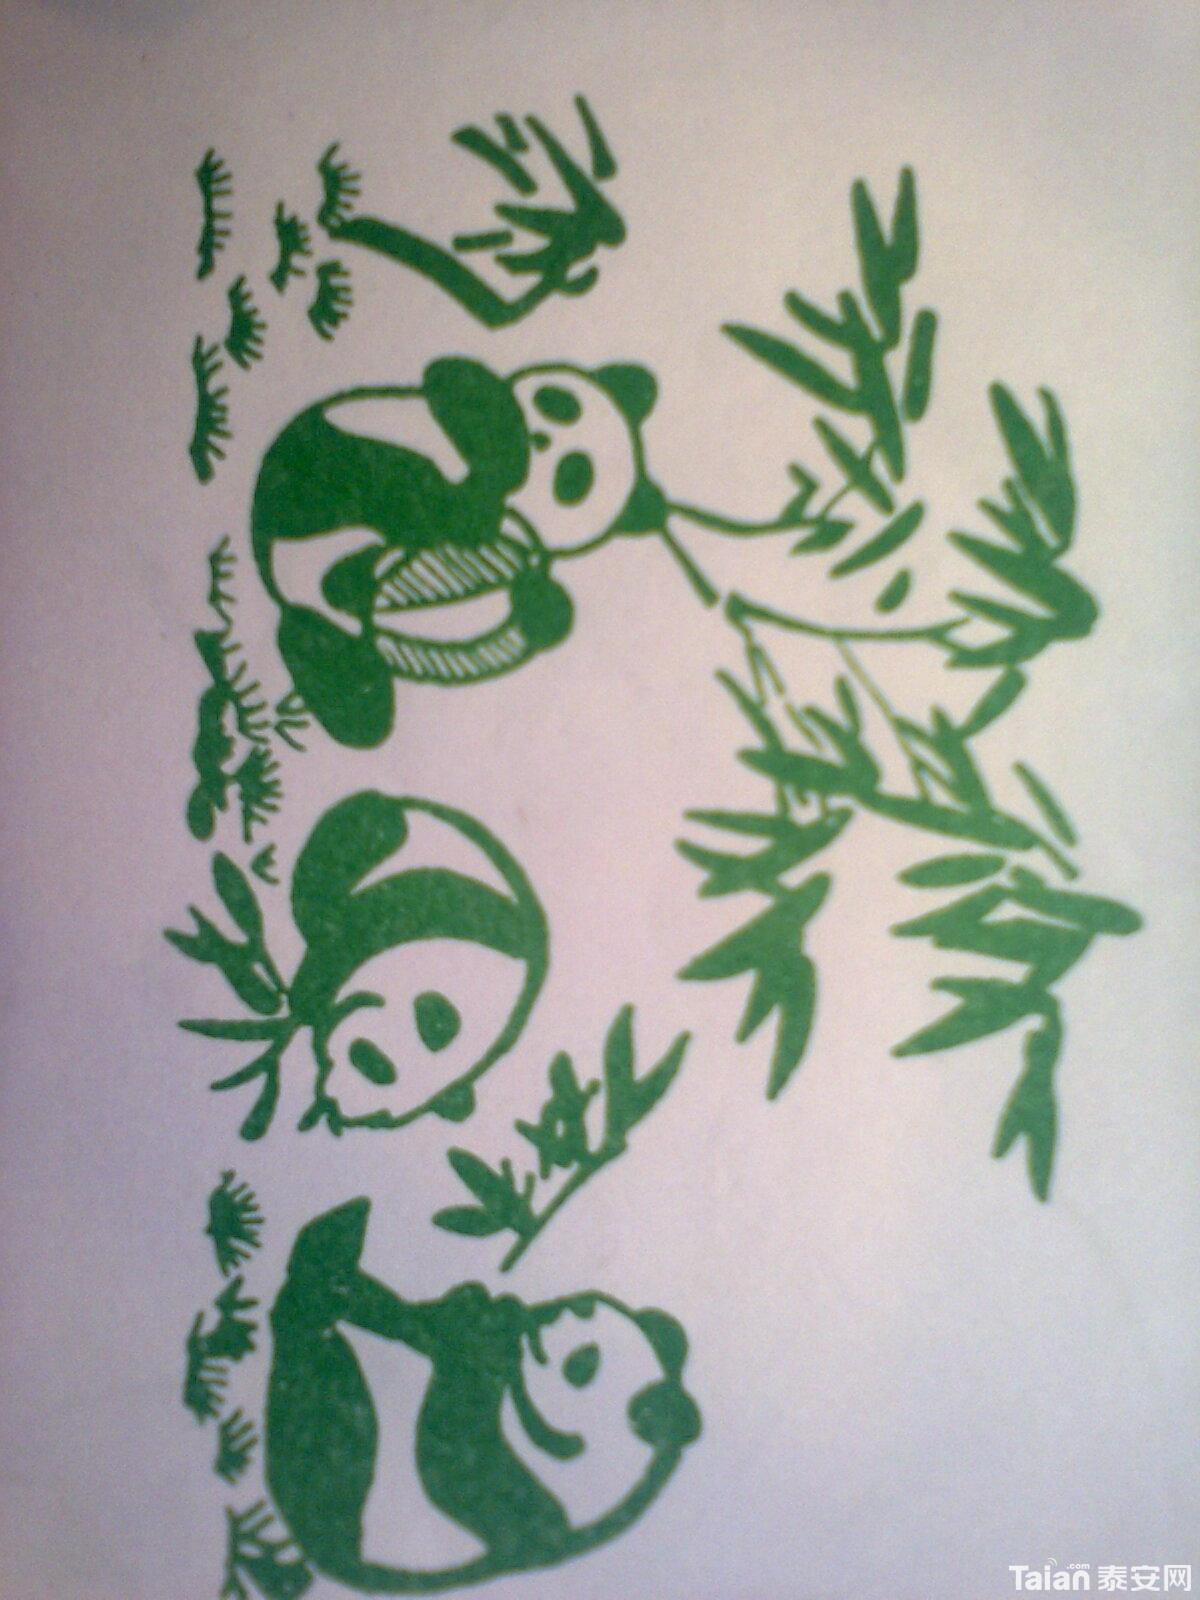 小熊猫吃竹子